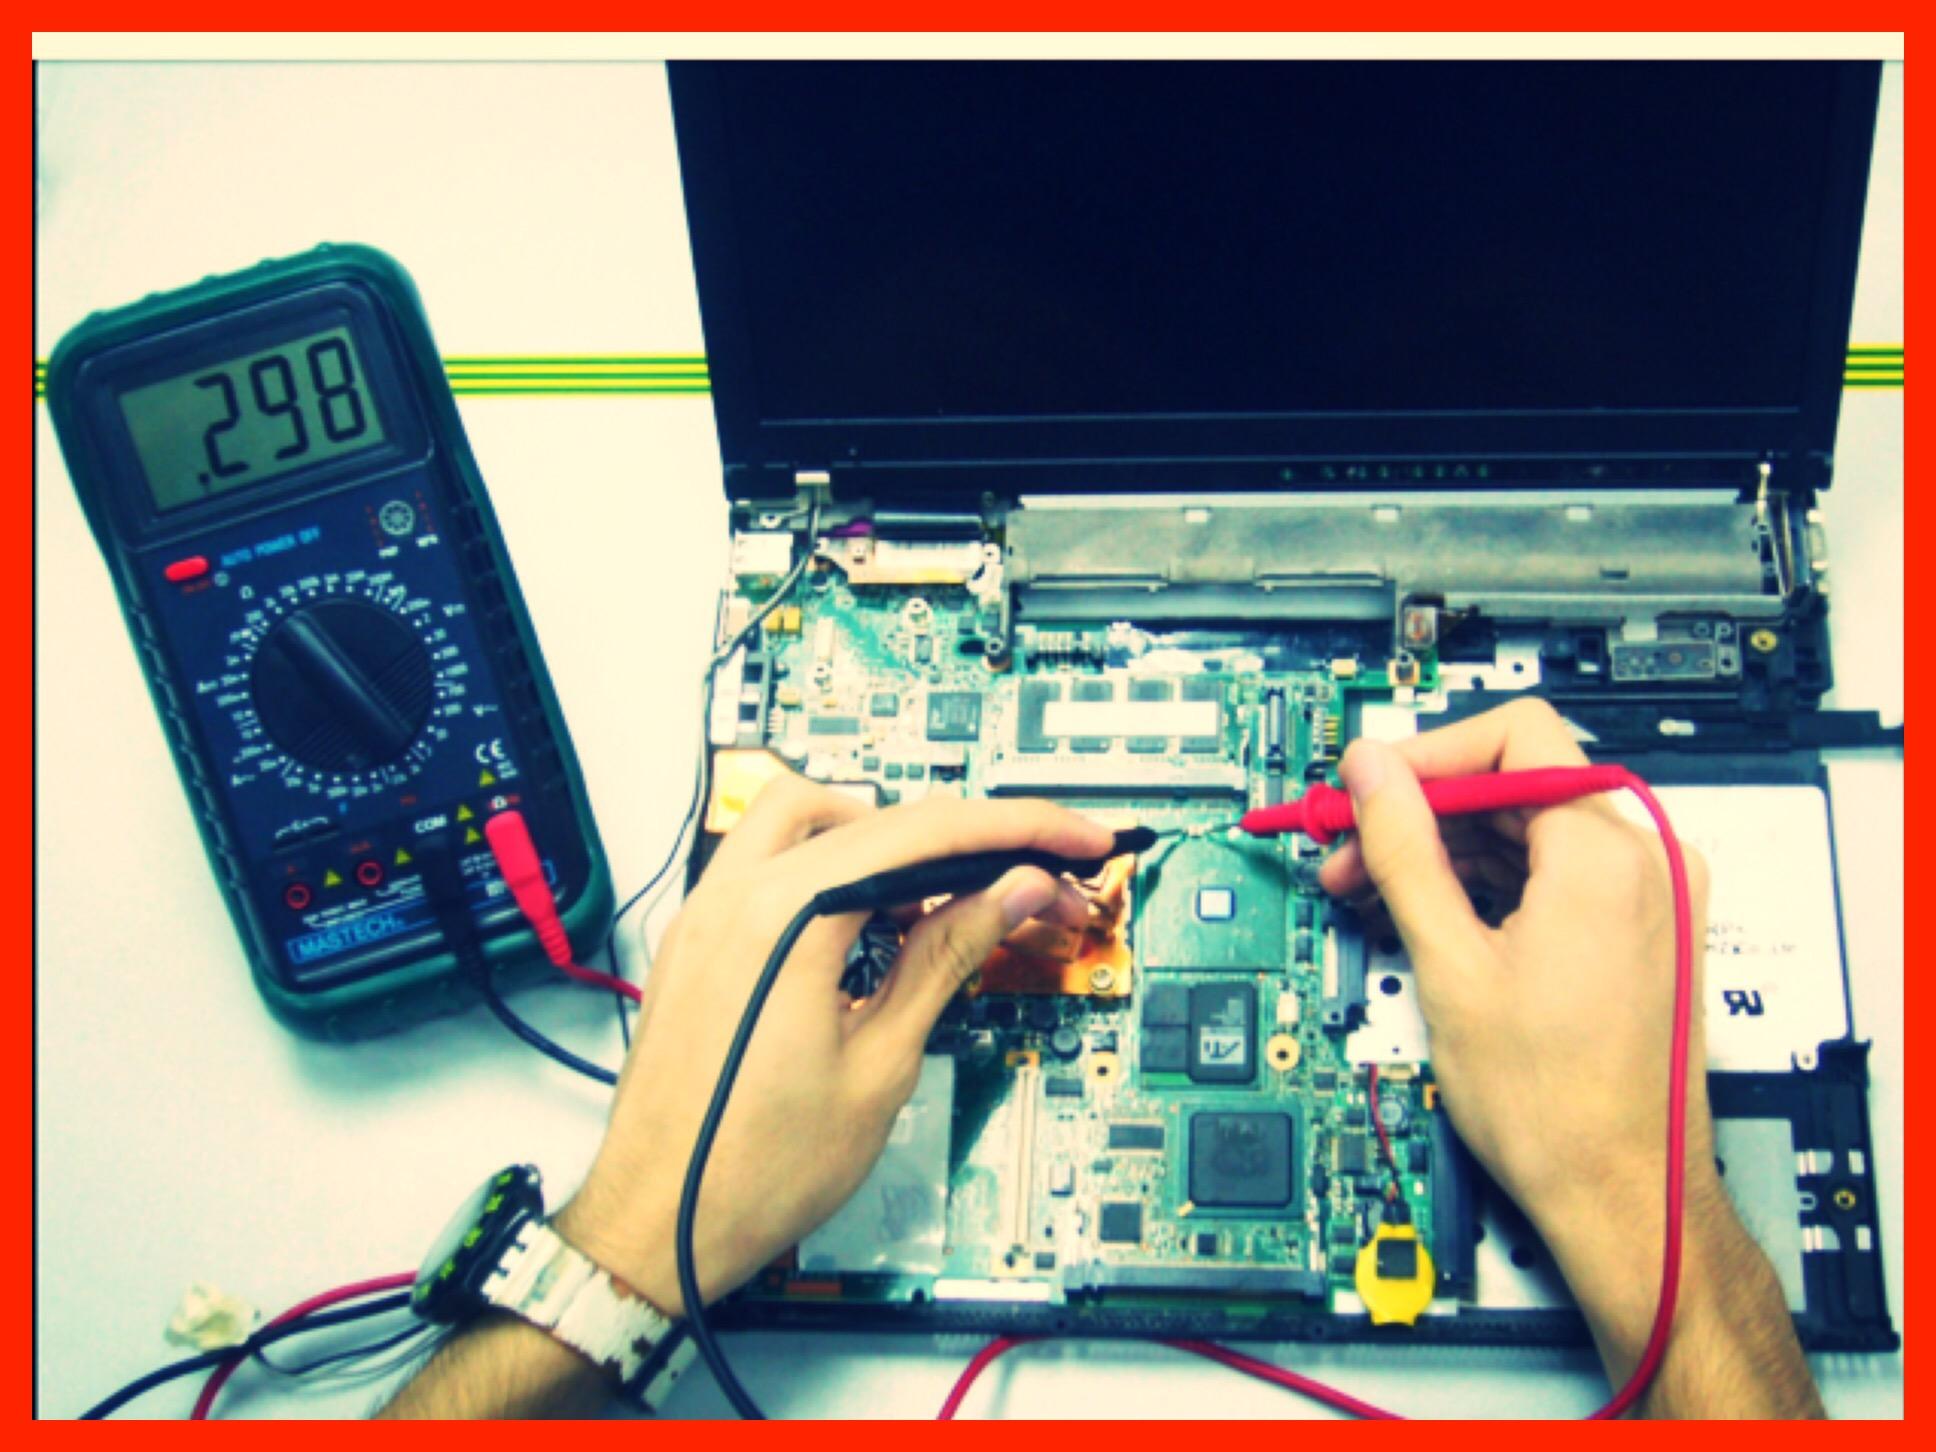 http://www.CampusComputerRepairs.com cville va repairs, best laptop repairs Laptop Computer